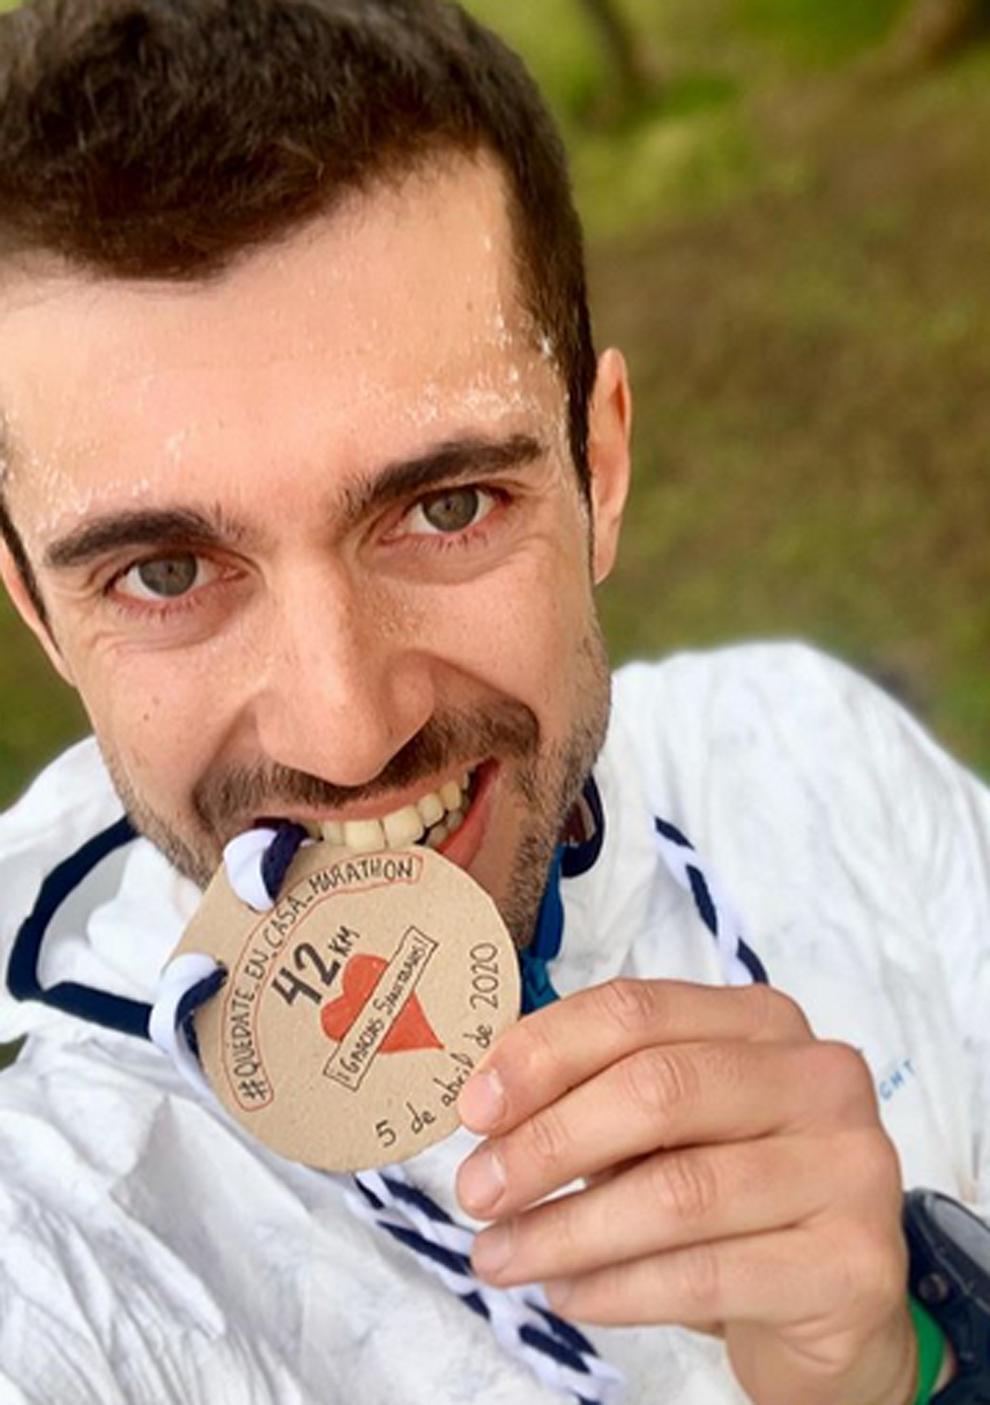 El atleta leonés Javier Garcés tras terminar un maratón en el...